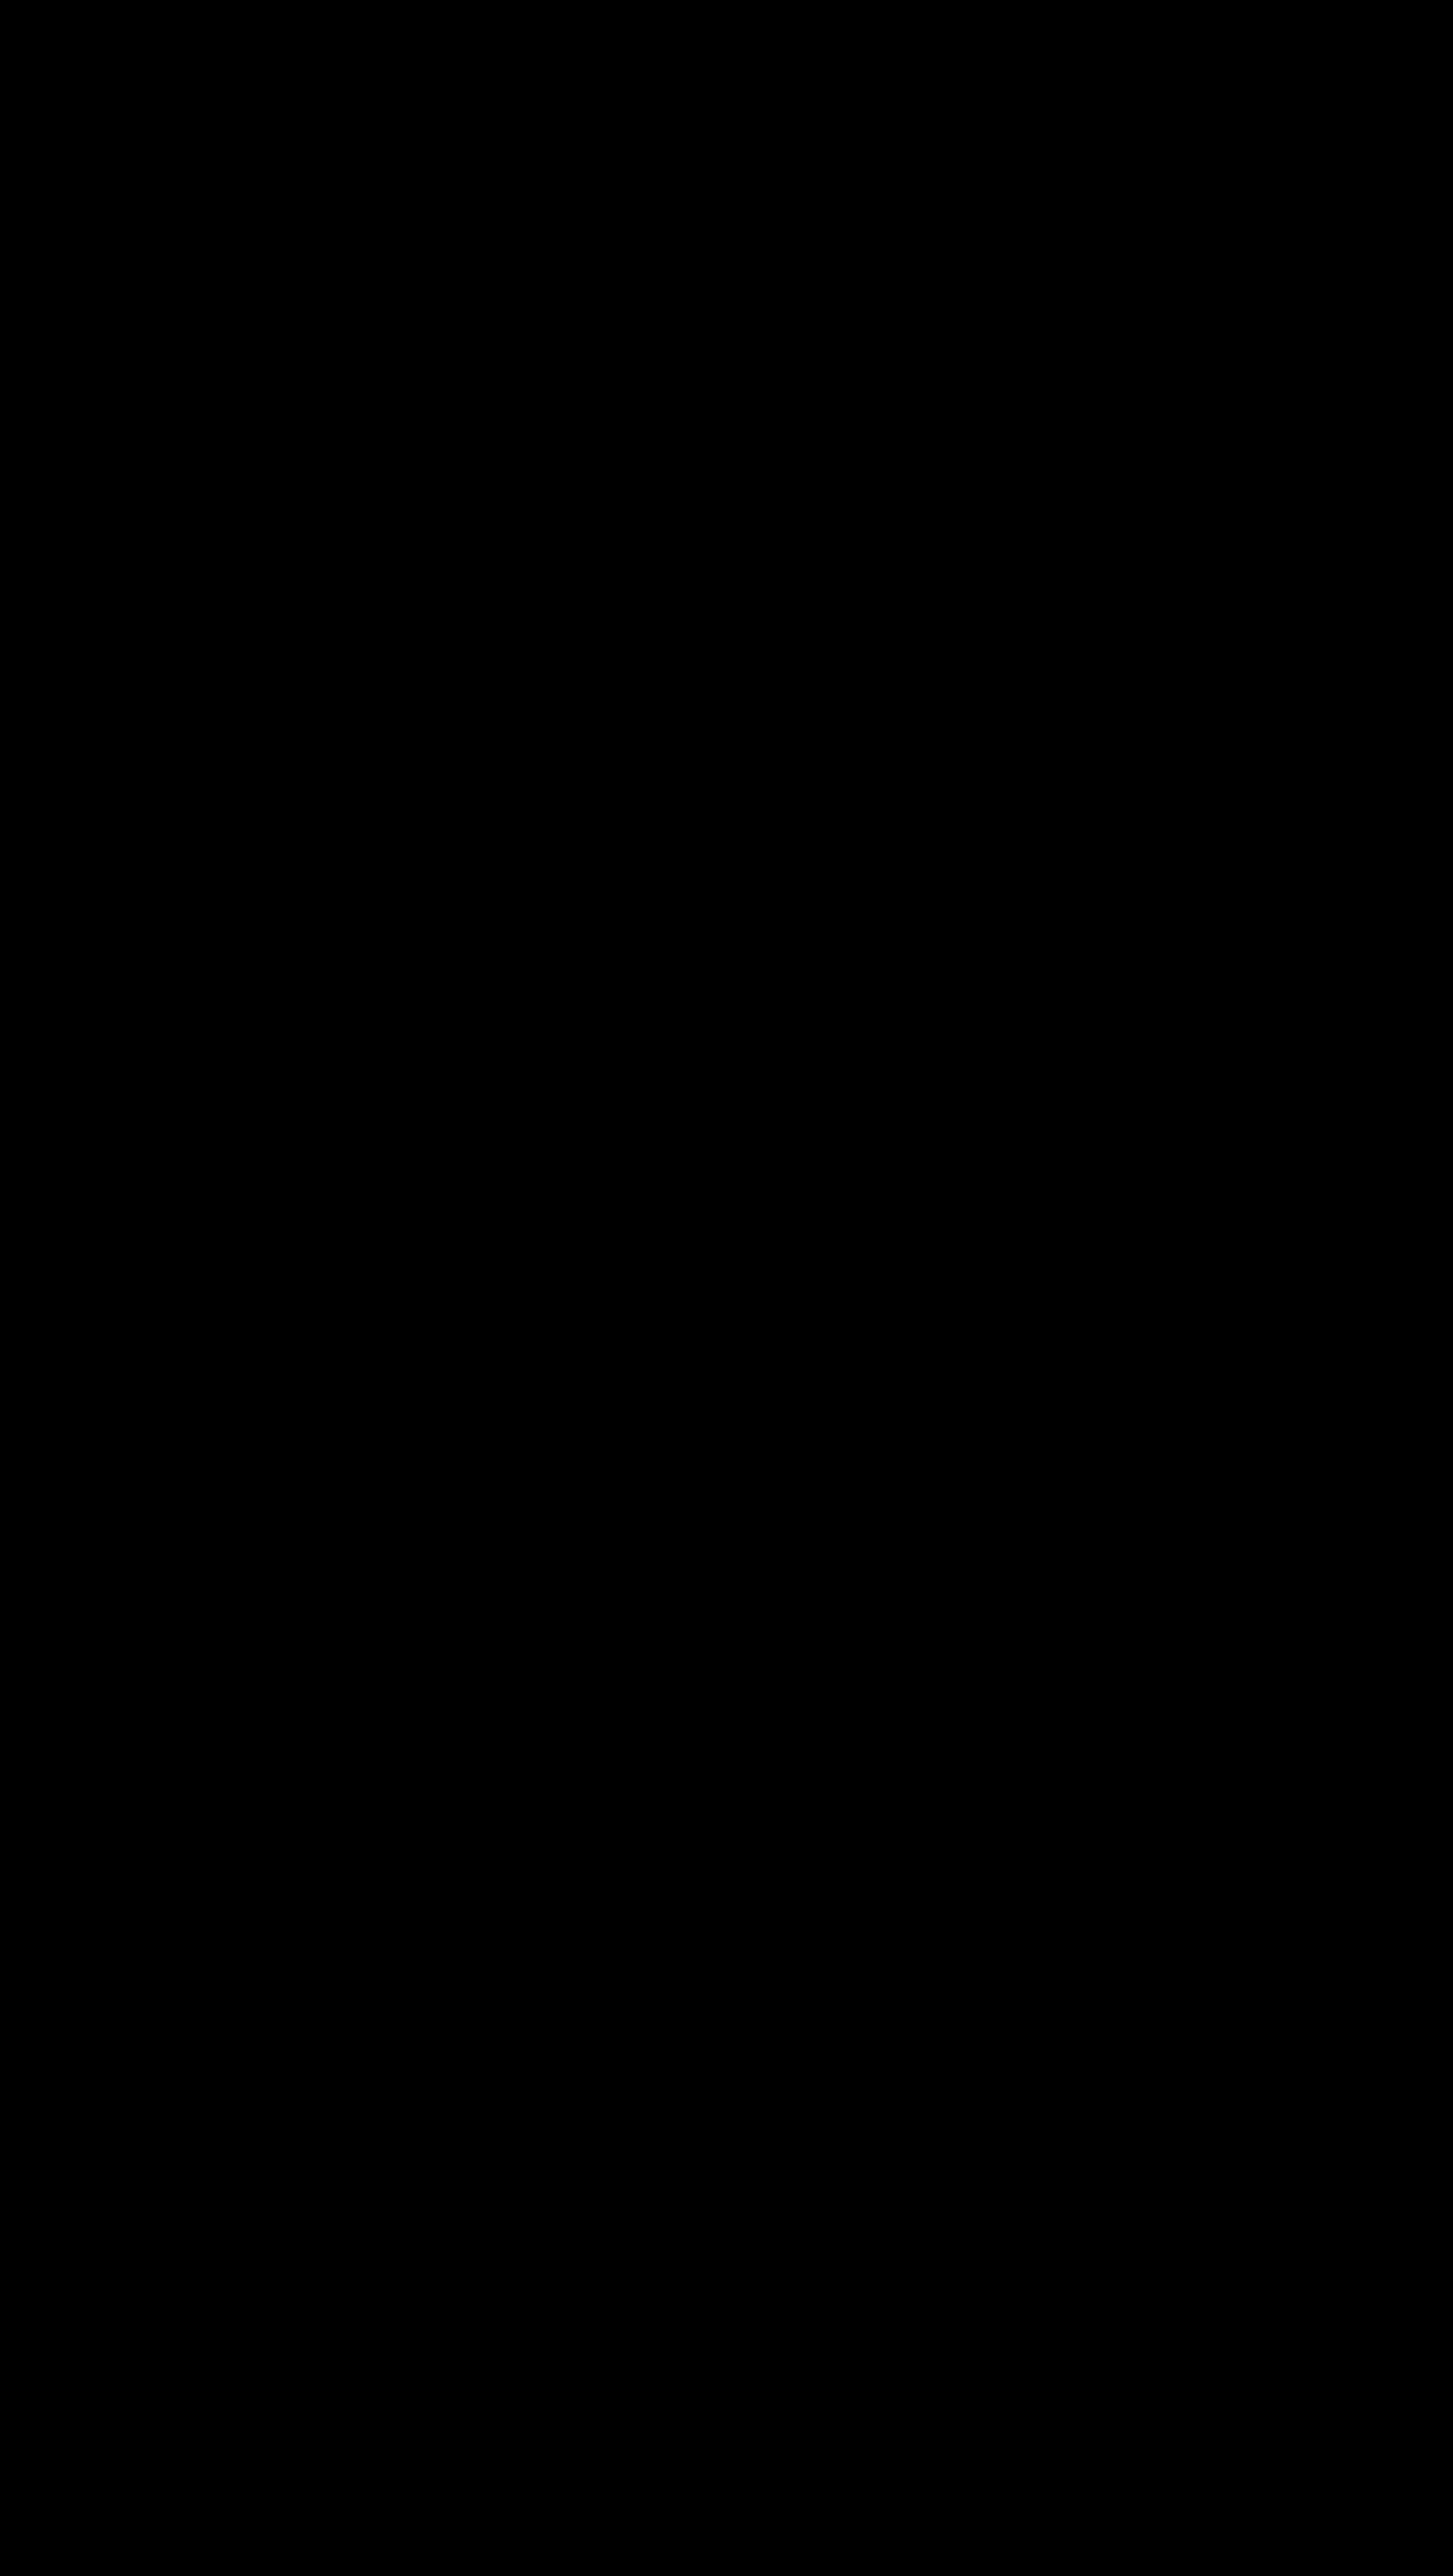 File silhouette svg wikimedia. Communion clipart chalice